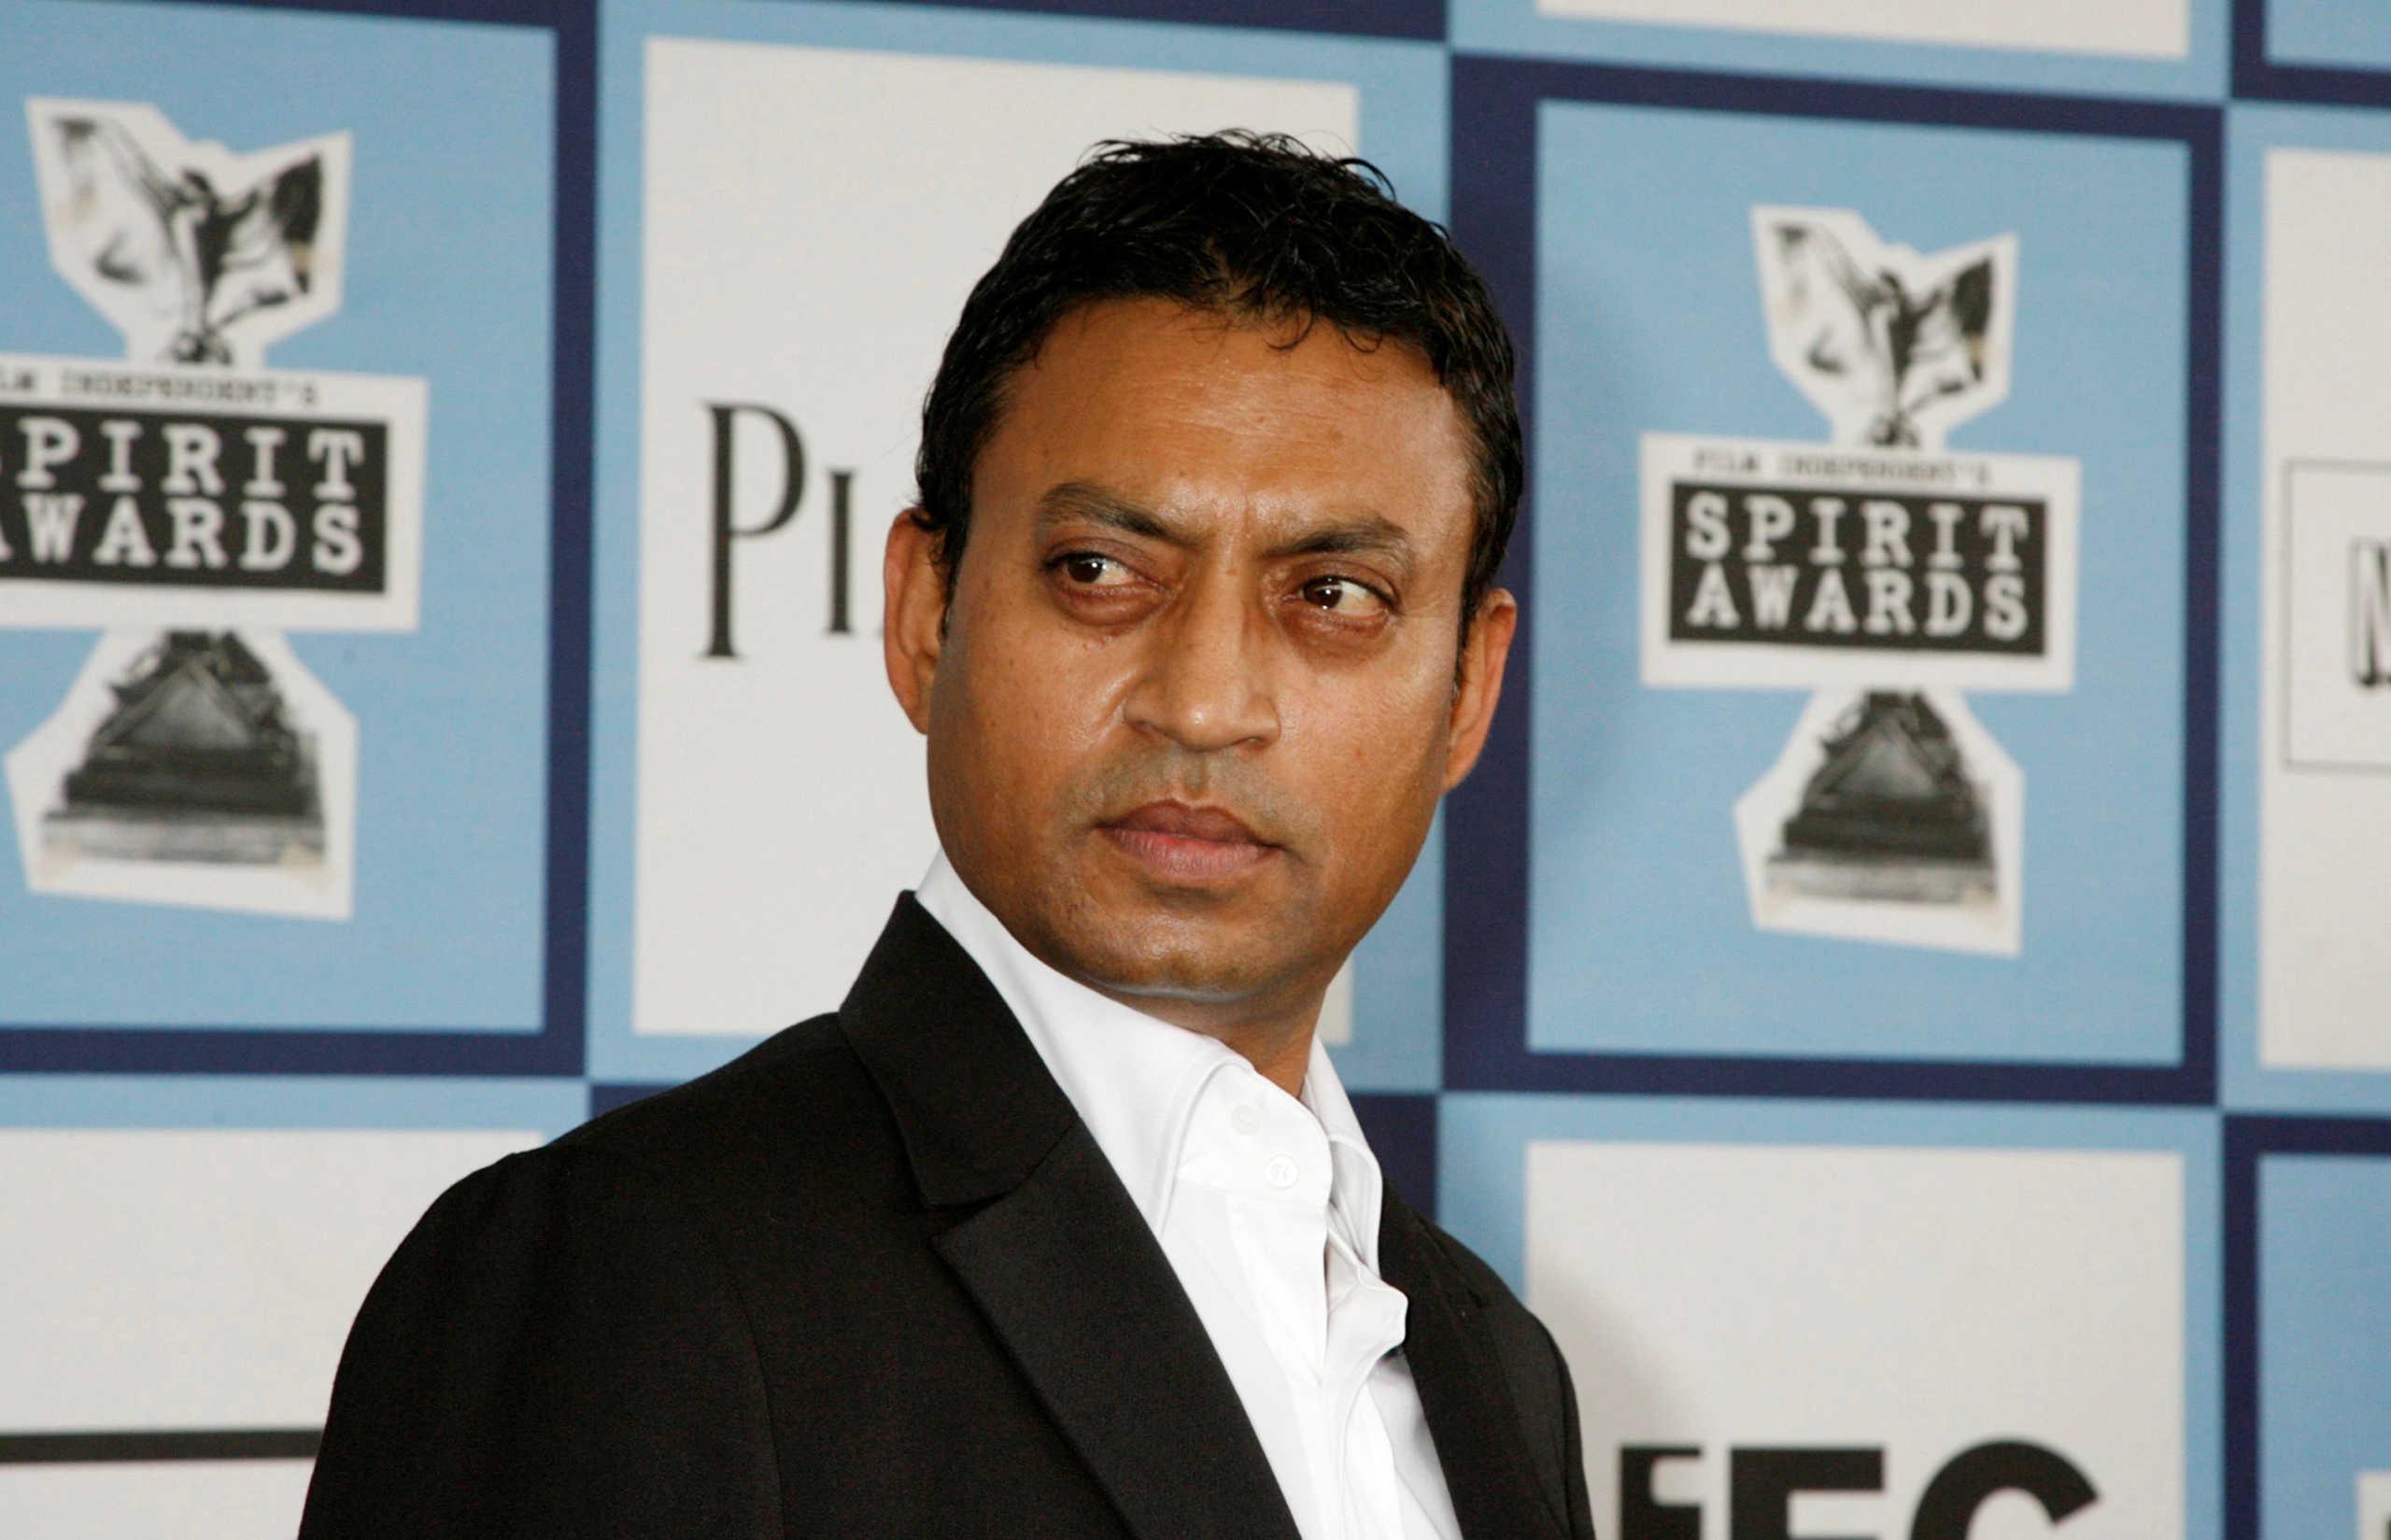 Πέθανε ο Irrfan Khan – Θρήνος για τον 53χρονο ηθοποιό του Slumdog Millionaire